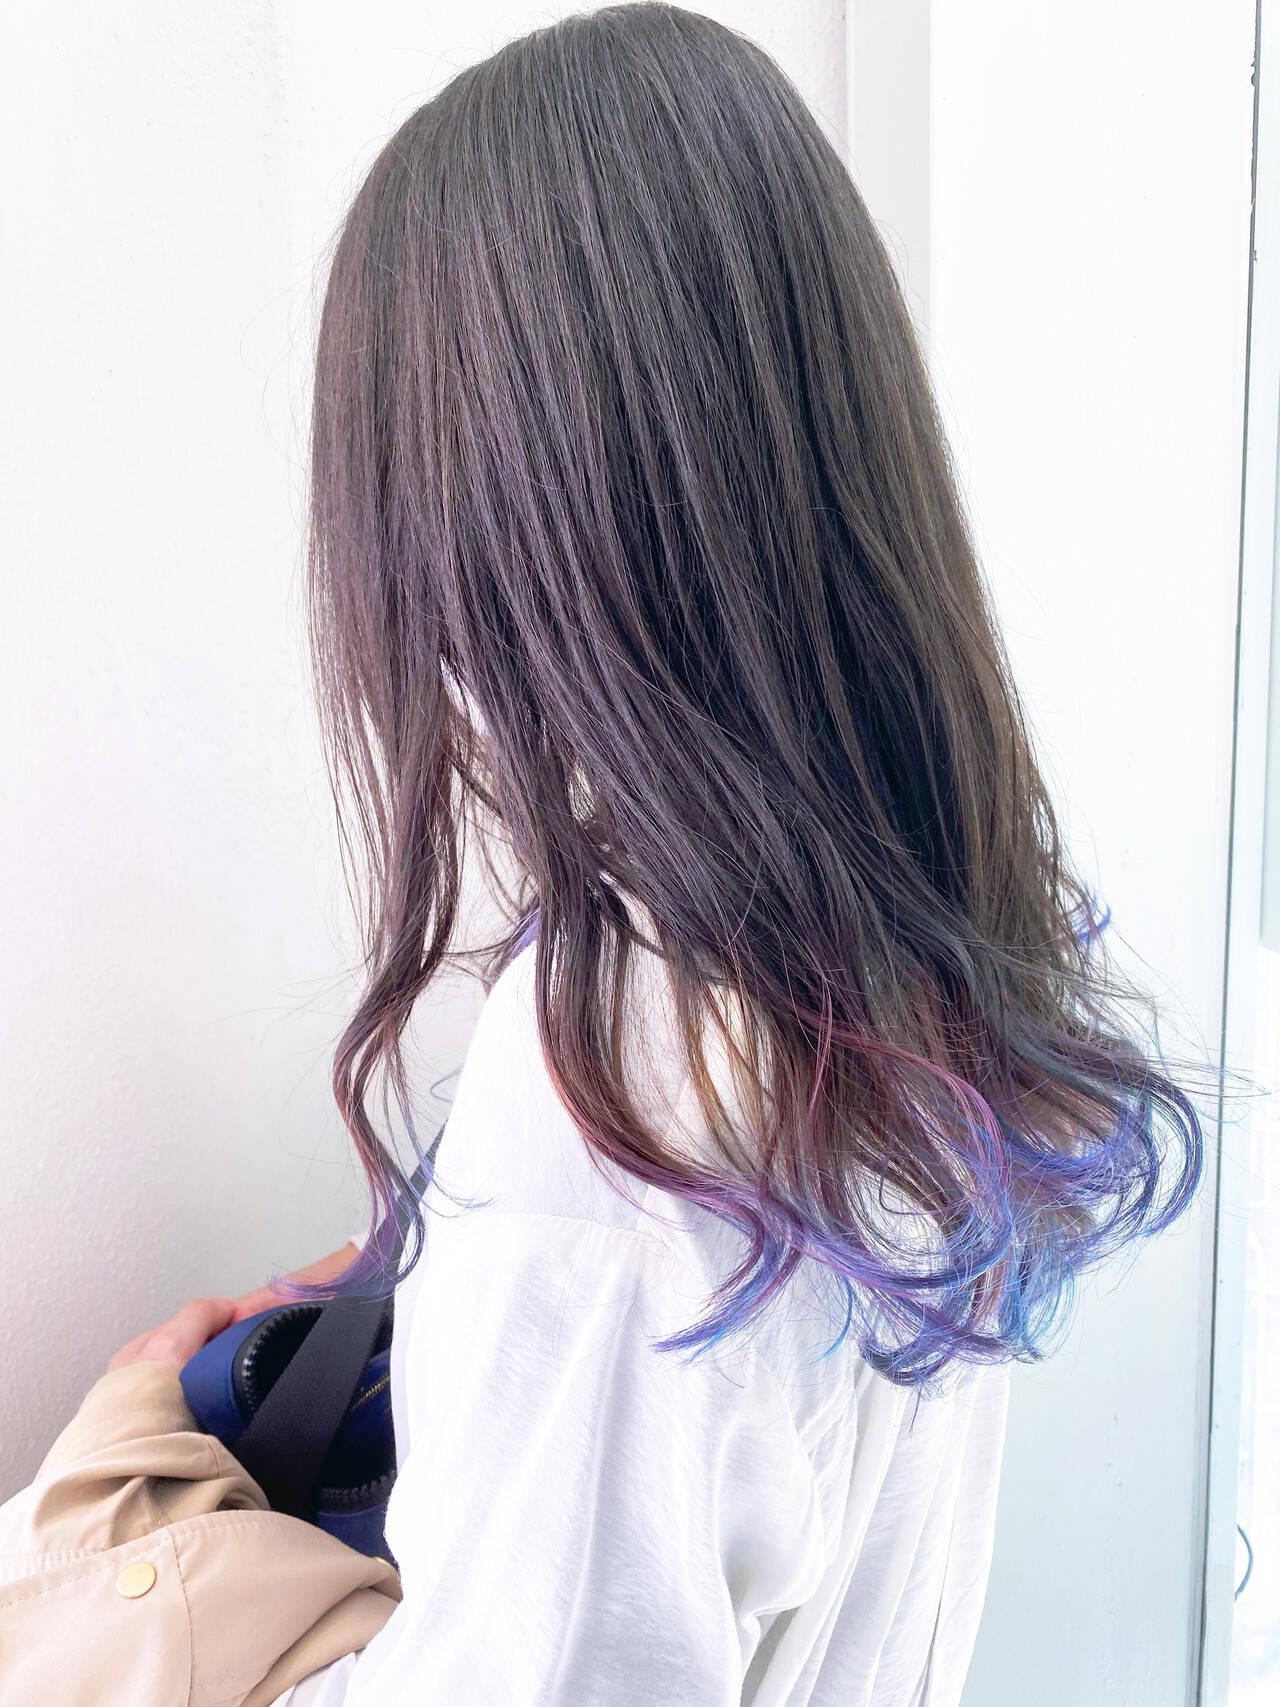 ウルフカット ショートボブ マーメイドアッシュ グラデーションカラーヘアスタイルや髪型の写真・画像